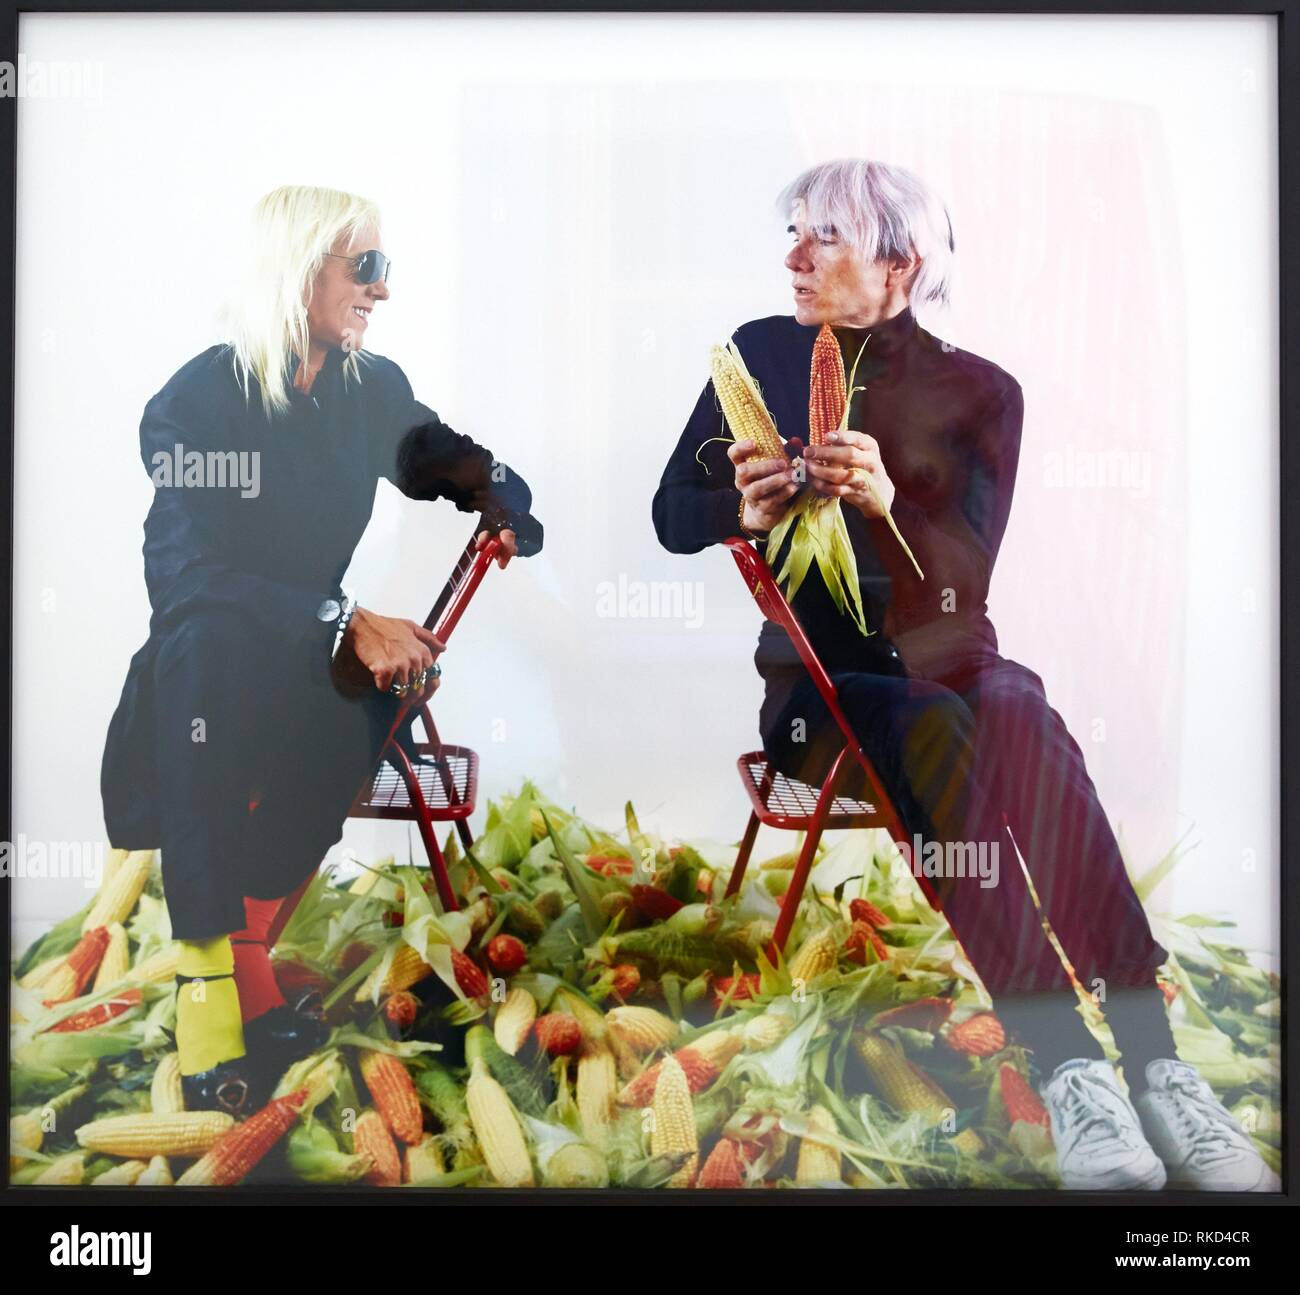 '''El pago de la deuda externa argentina con maiz, ''el oro latinoamericano'''. Marta Minujin y Andy Warhol. Museo de Arte Latinoamericano de Buenos Imagen De Stock